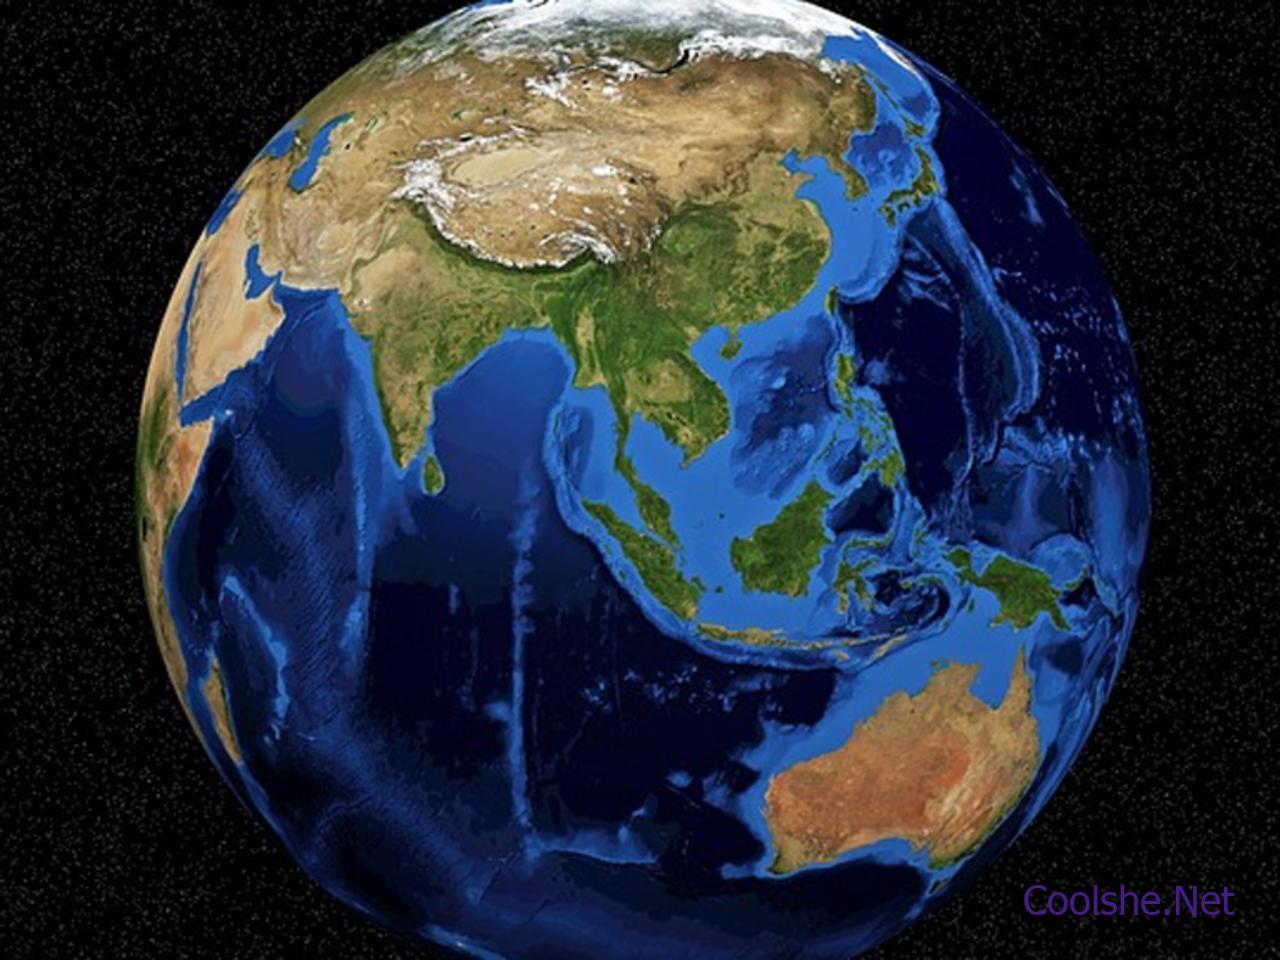 من خصائص الغلاف الجوي الحراري هو امتصاص الأشعة السينية